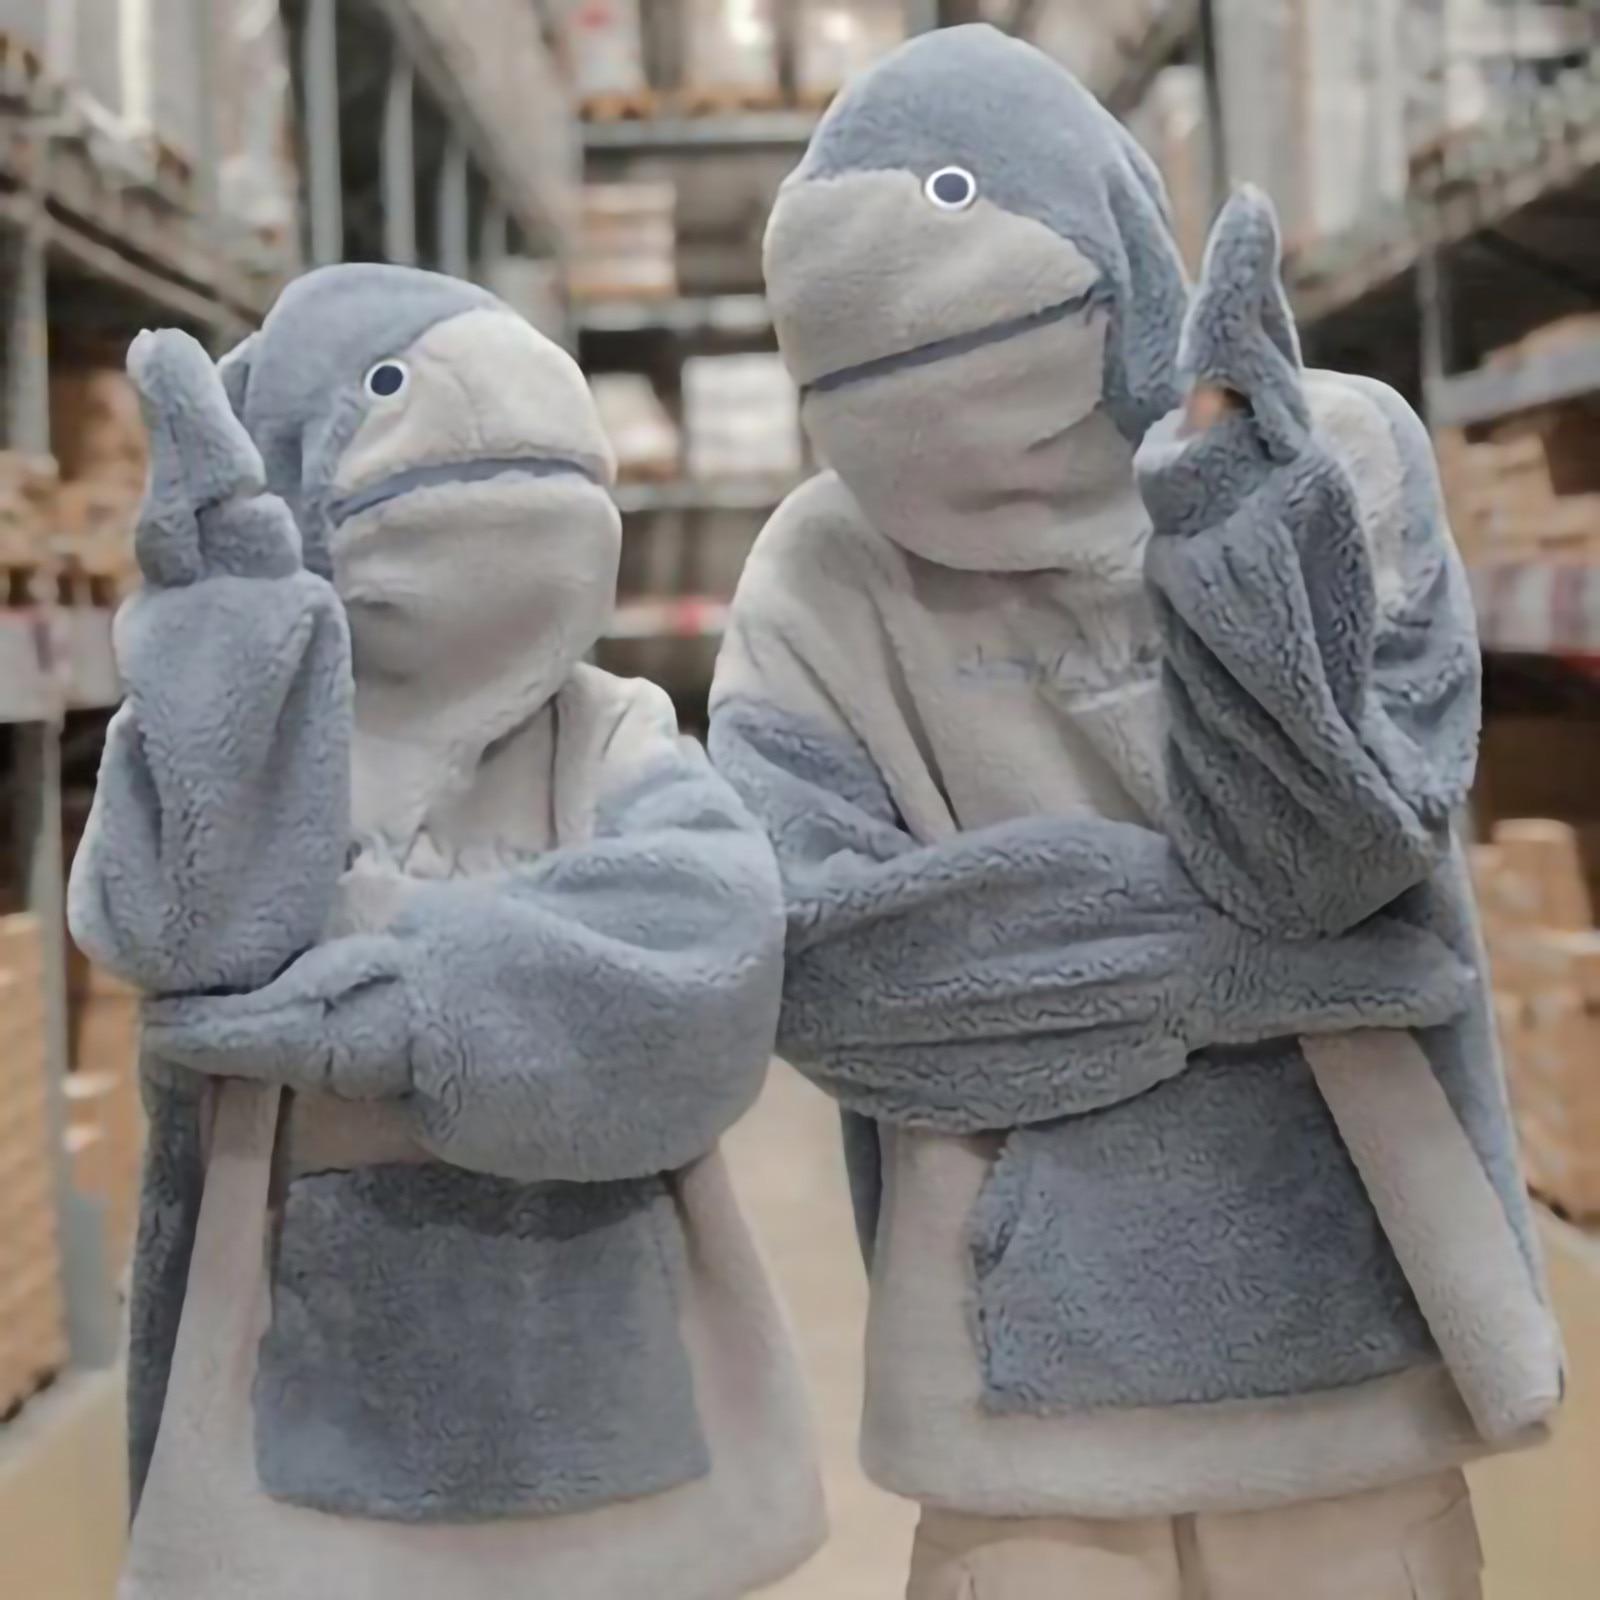 2021 Симпатичные Парные толстовки унисекс с капюшоном в виде акулы, толстовка большого размера с рукавами и карманами, износостойкий свитшот,...